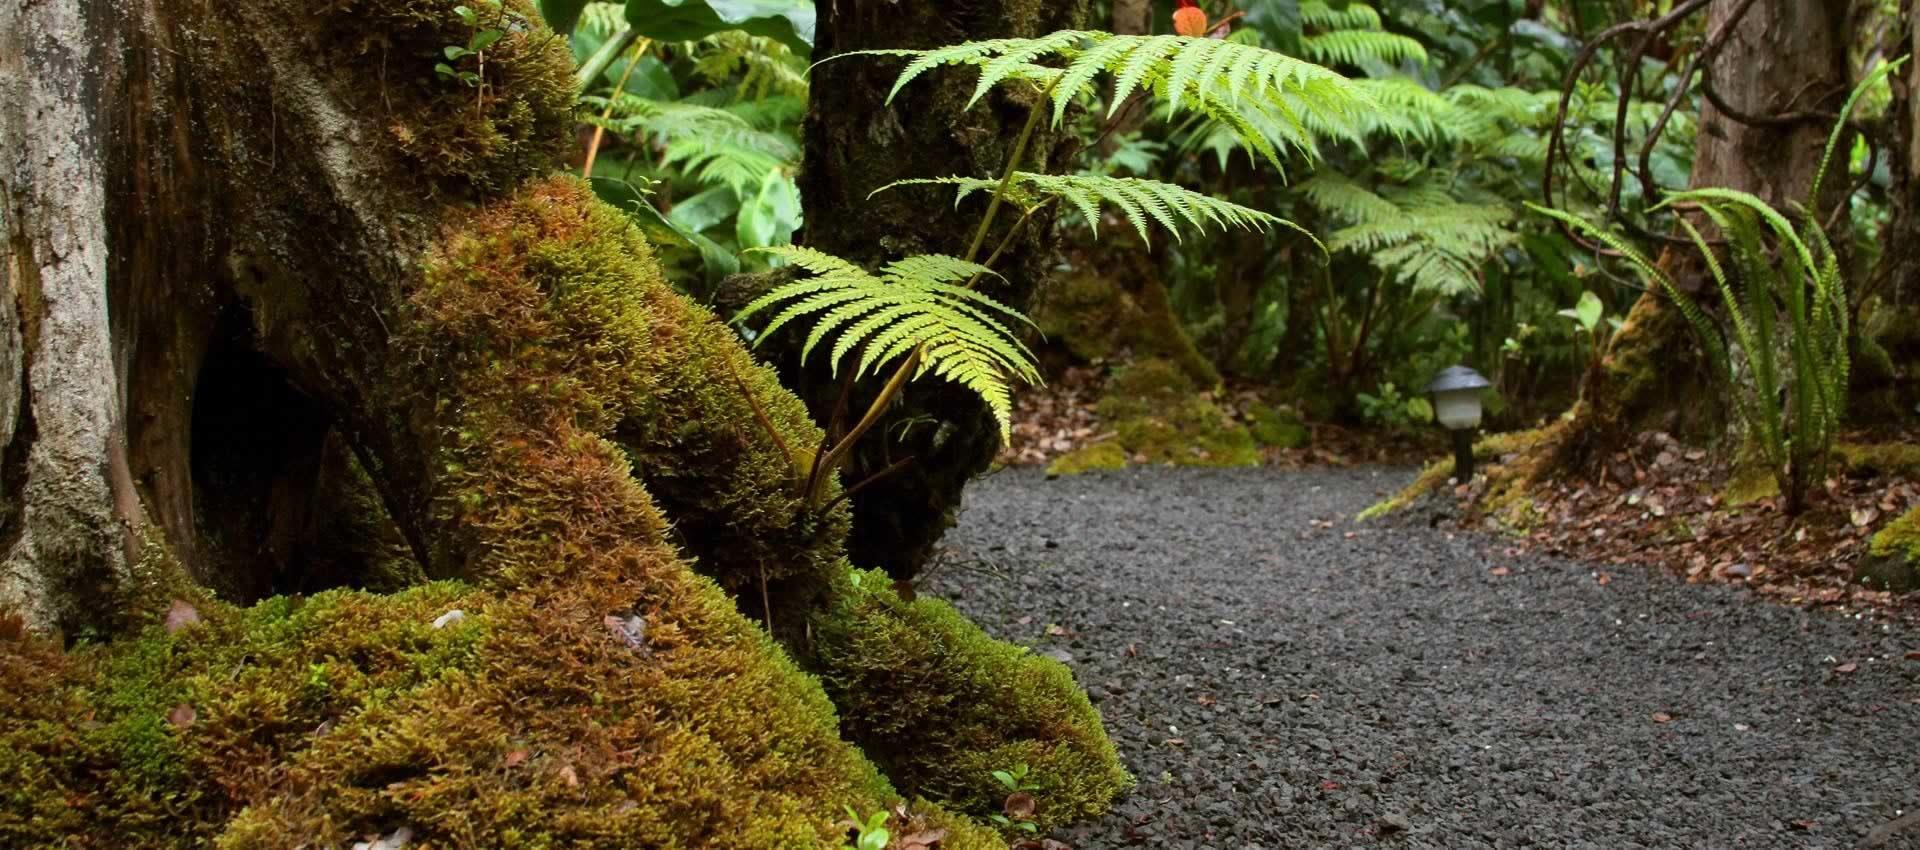 Volcano-Hawaii-tree-ferns